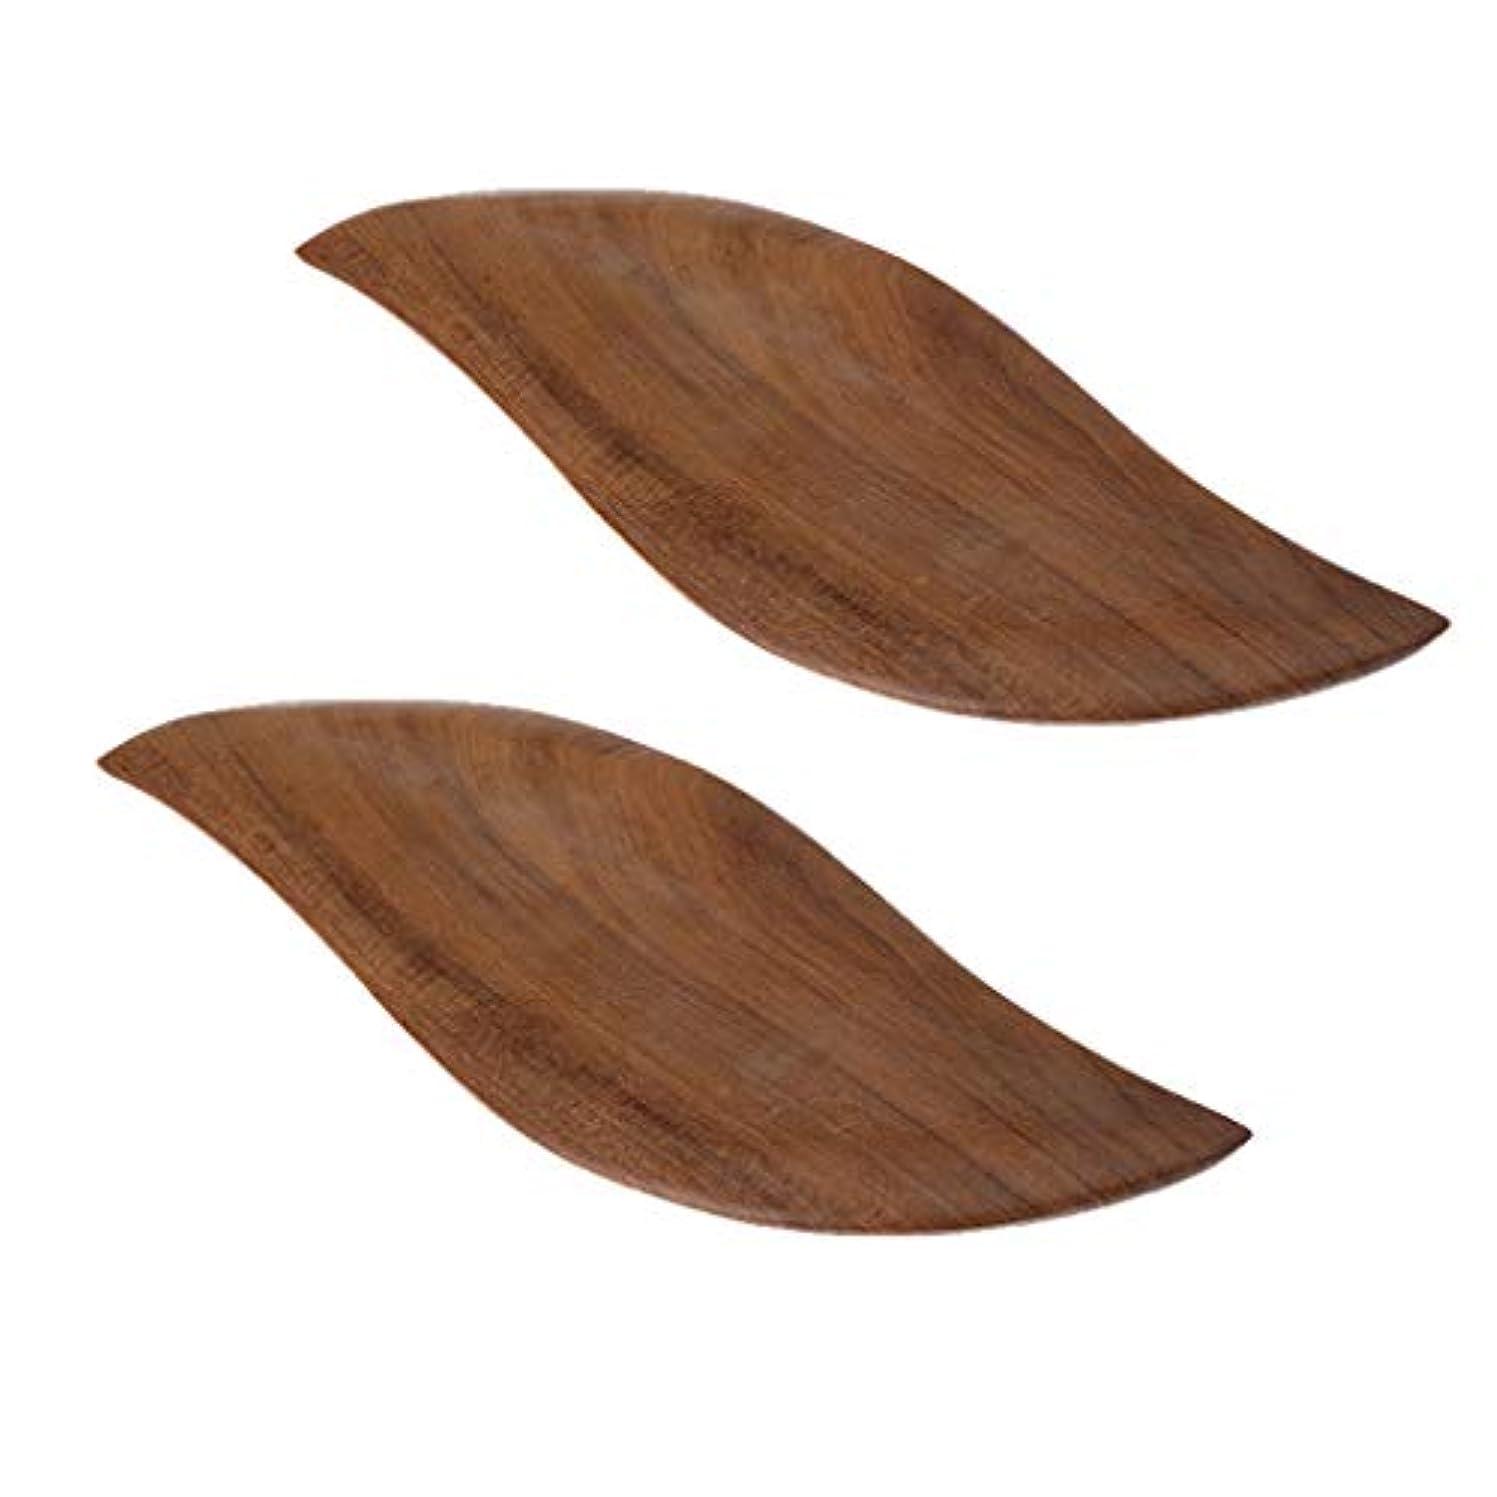 ボイコット山積みの関連する2枚 かっさプレート フェイスケア ボディーケア リラックス ツボ押し 木製